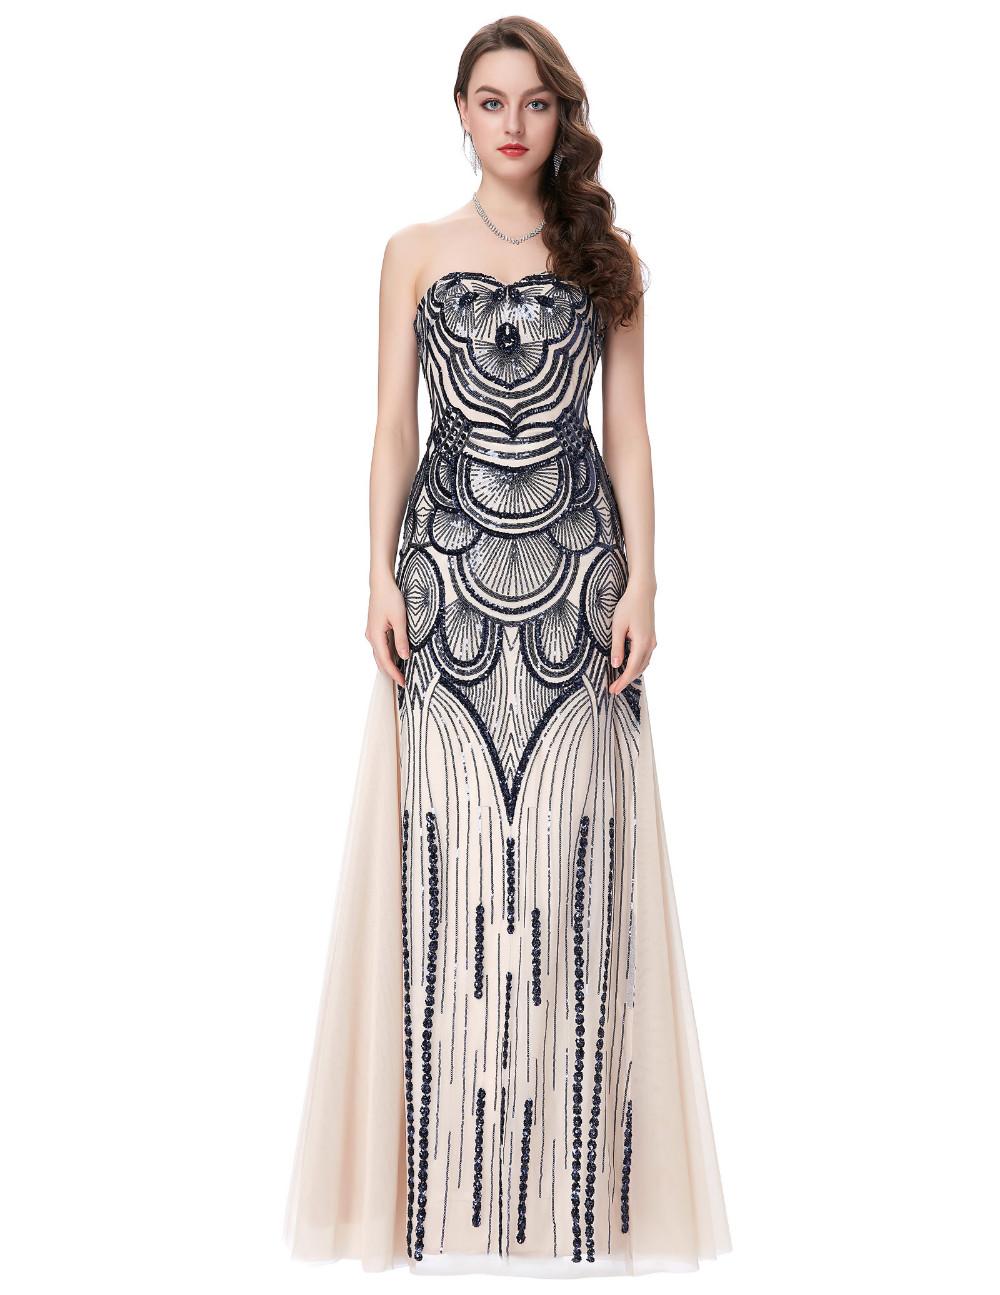 HTB1YkbZKFXXXXX9XVXXq6xXFXXX0Strapless Special Occasion Dress